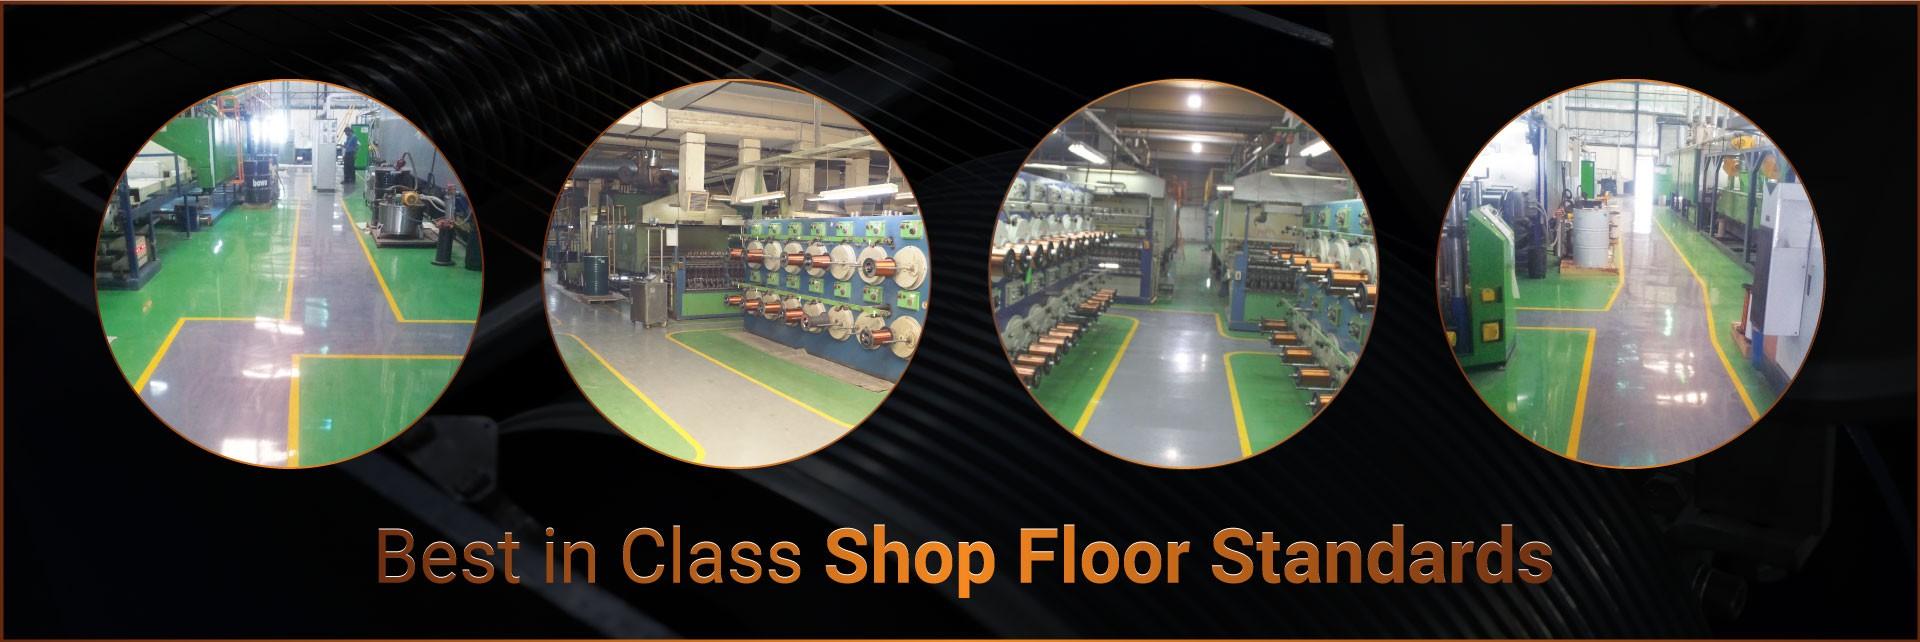 Best-in-class-shop-floor-standards